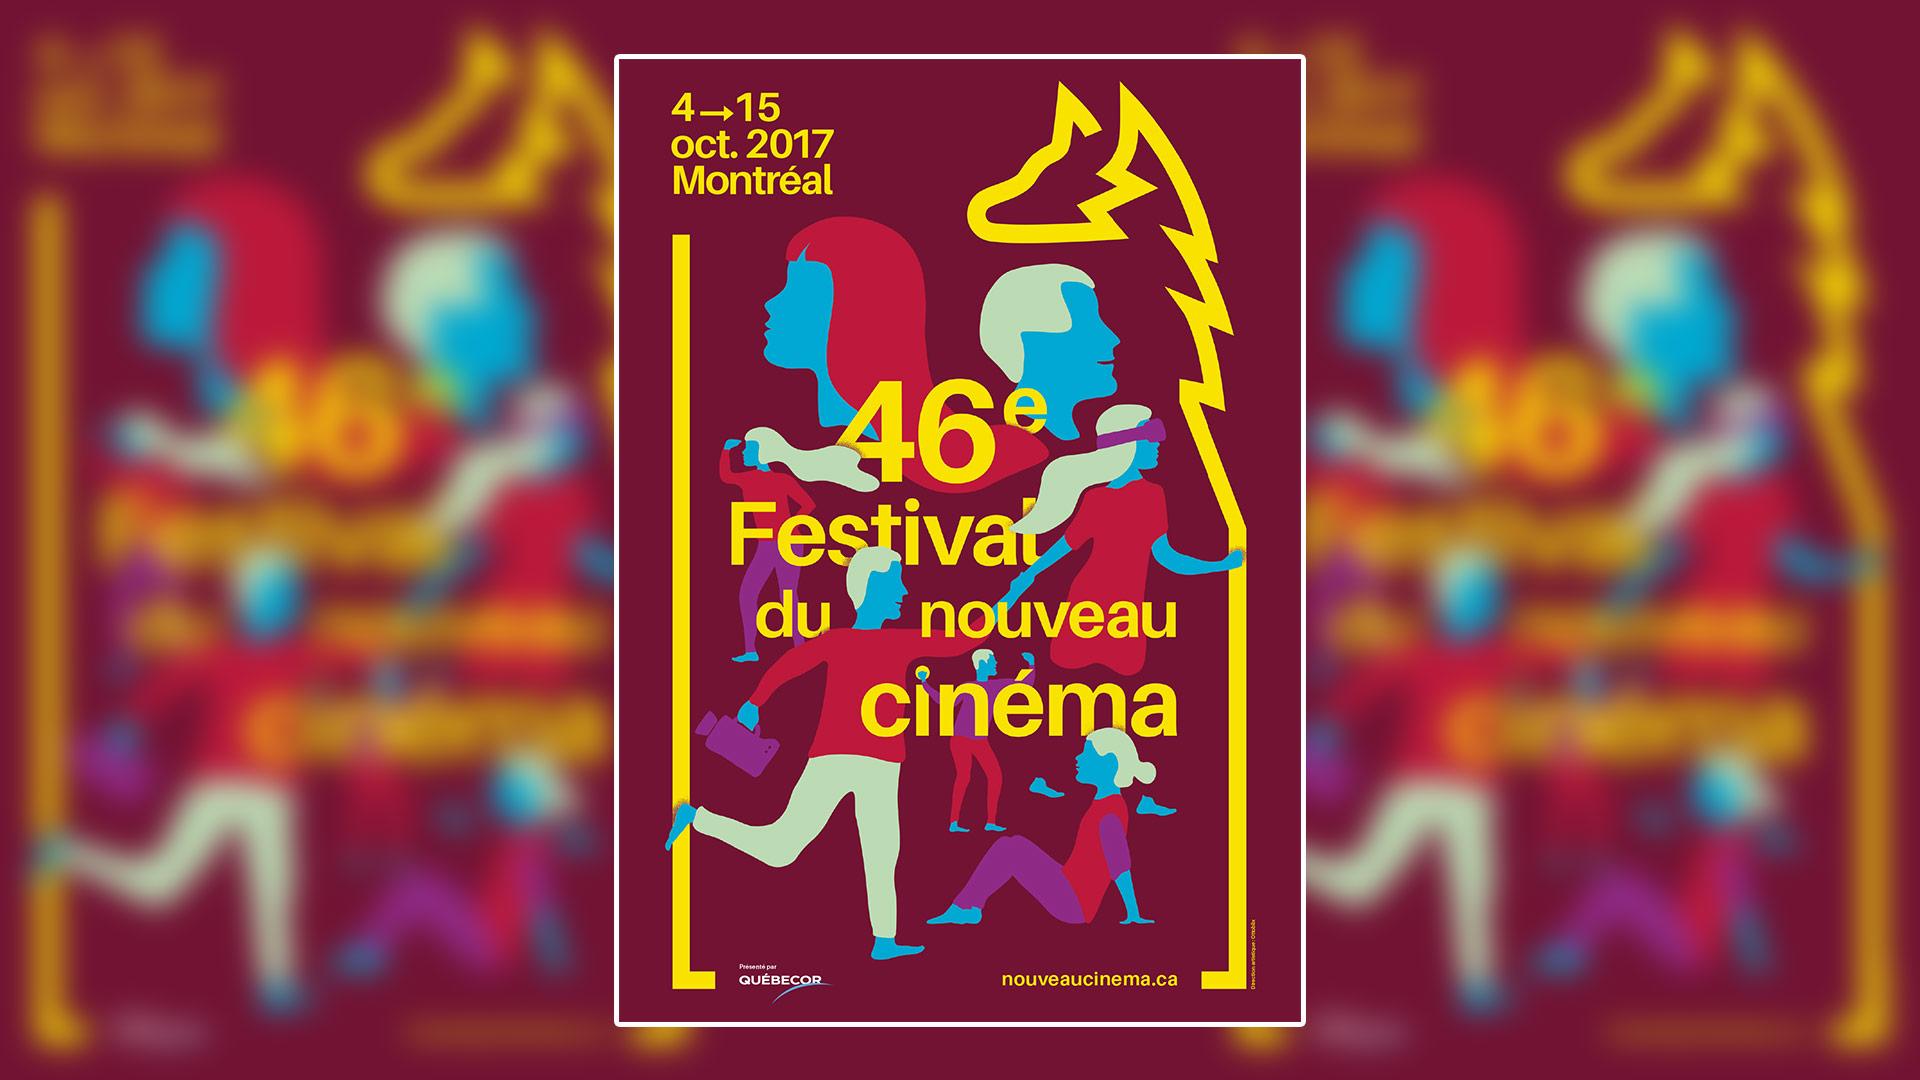 [FNC 2017] Mon résumé de la 46e édition du Festival du Nouveau Cinéma